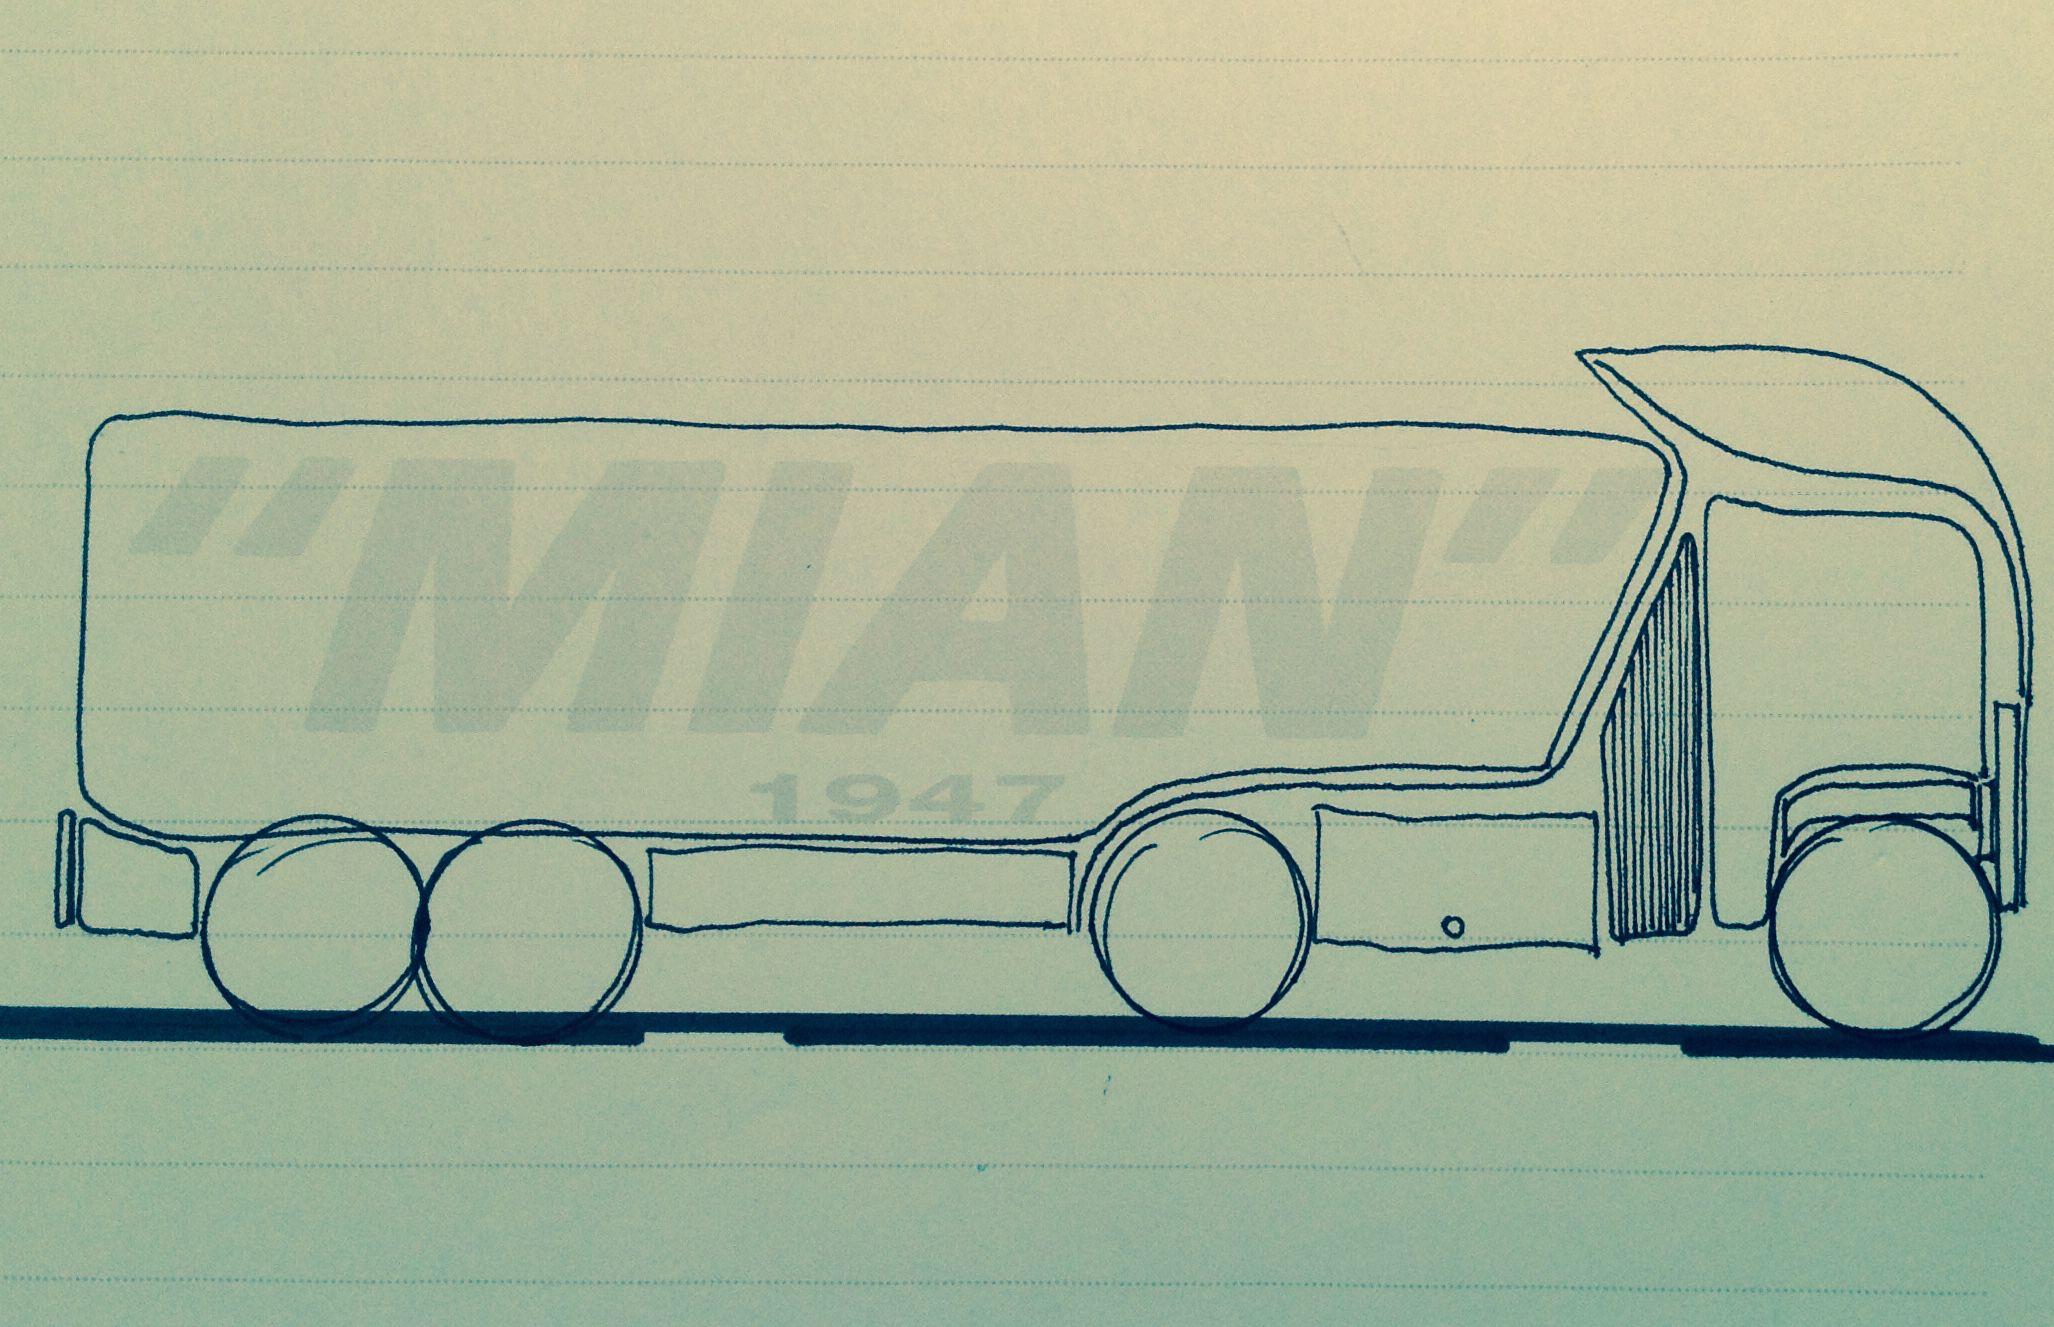 #milano #arte #mian #miansnc #expo #itma #itma2015 #expo2015 #milani #design #tradizioni #prospettiva